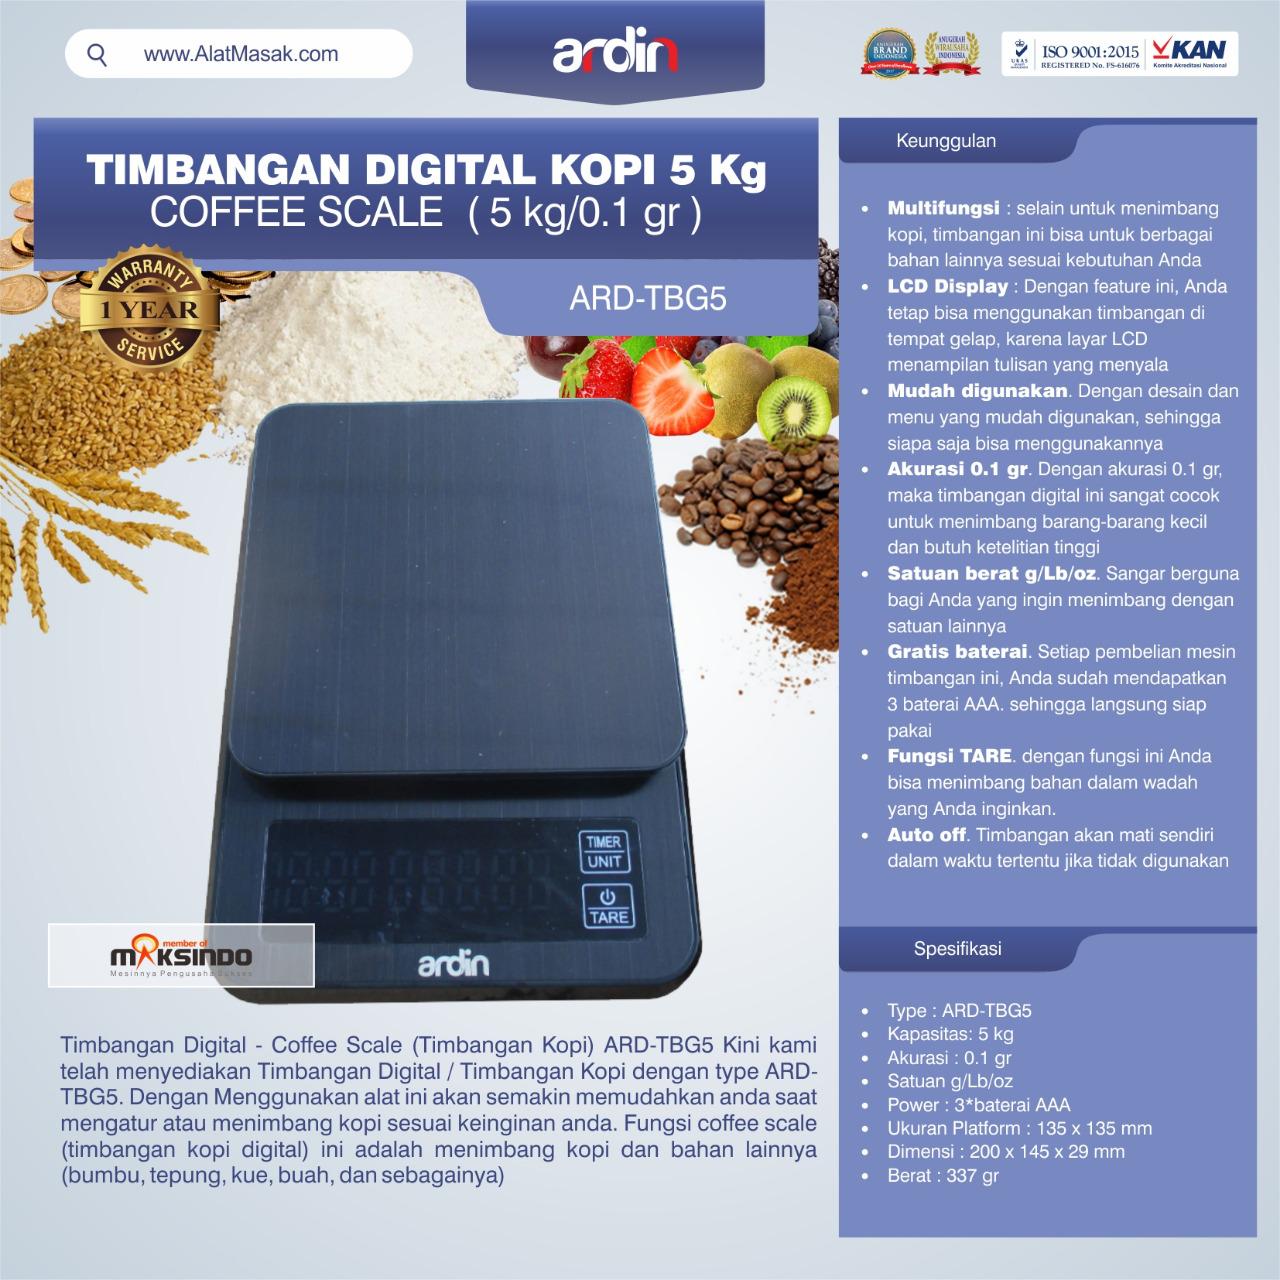 Jual Timbangan Digital Kopi 5 kg ARD-TBG5 (coffee scale) di Bali